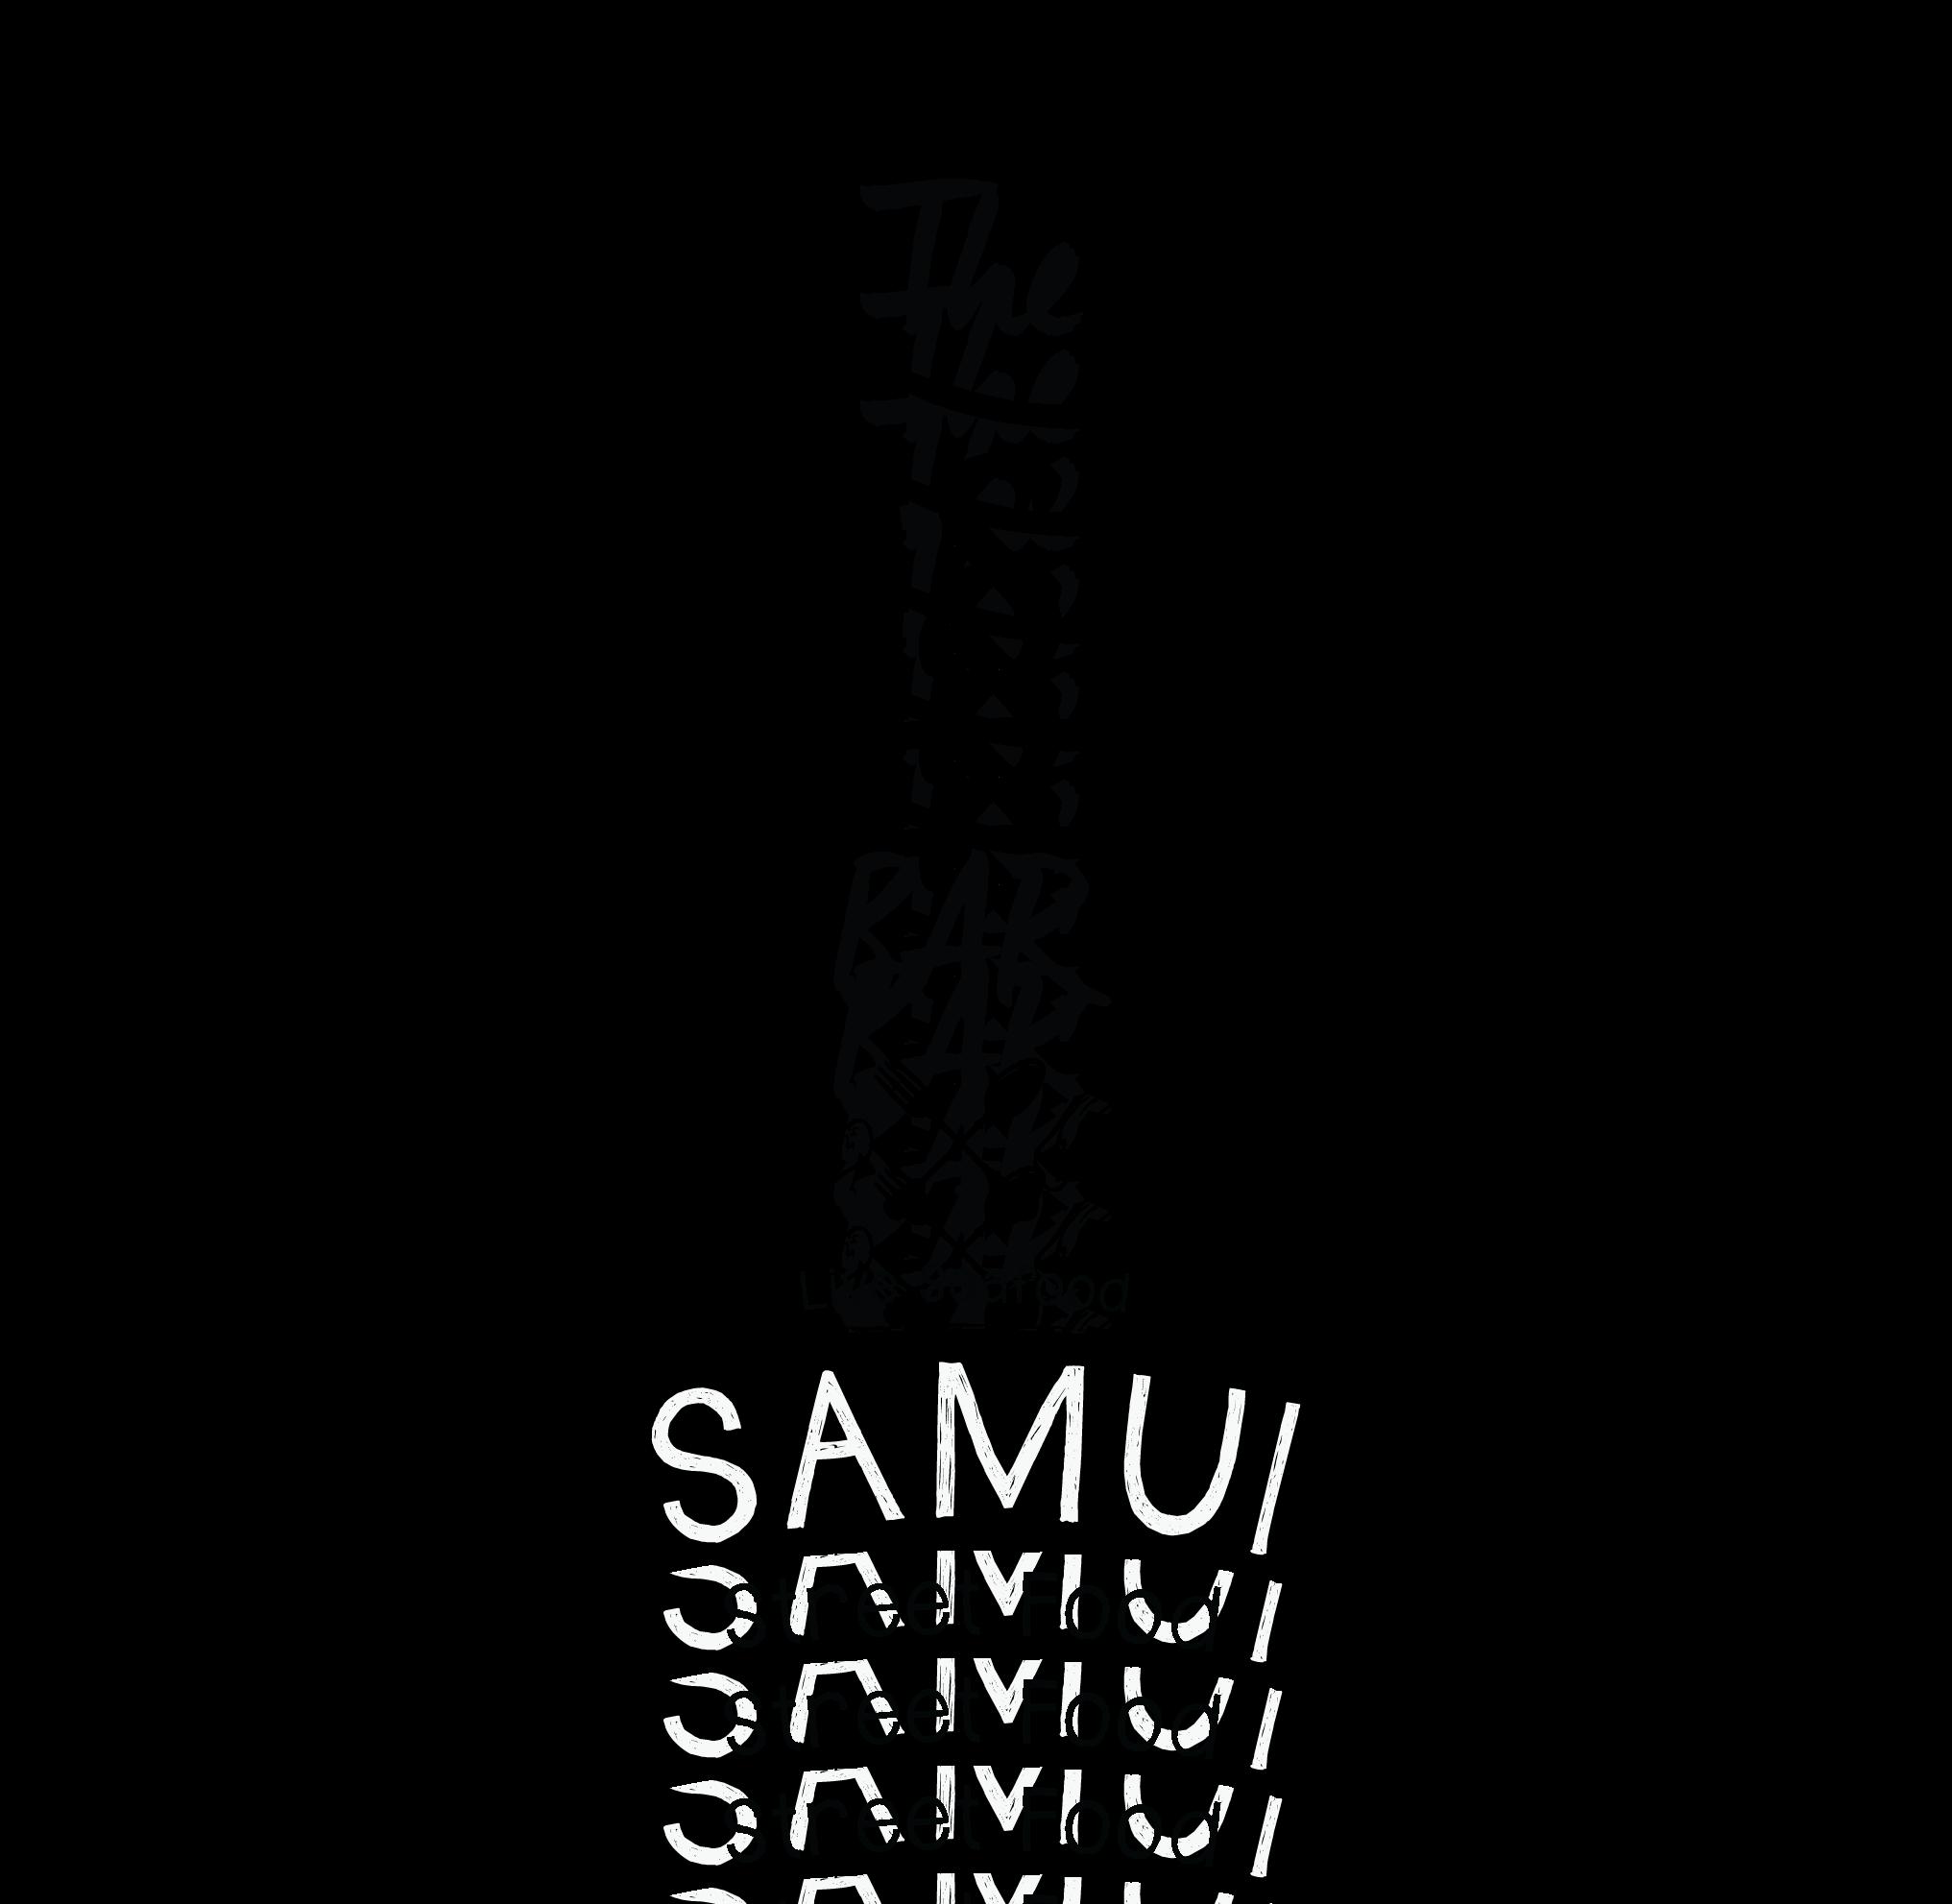 Oyster bar x Samui